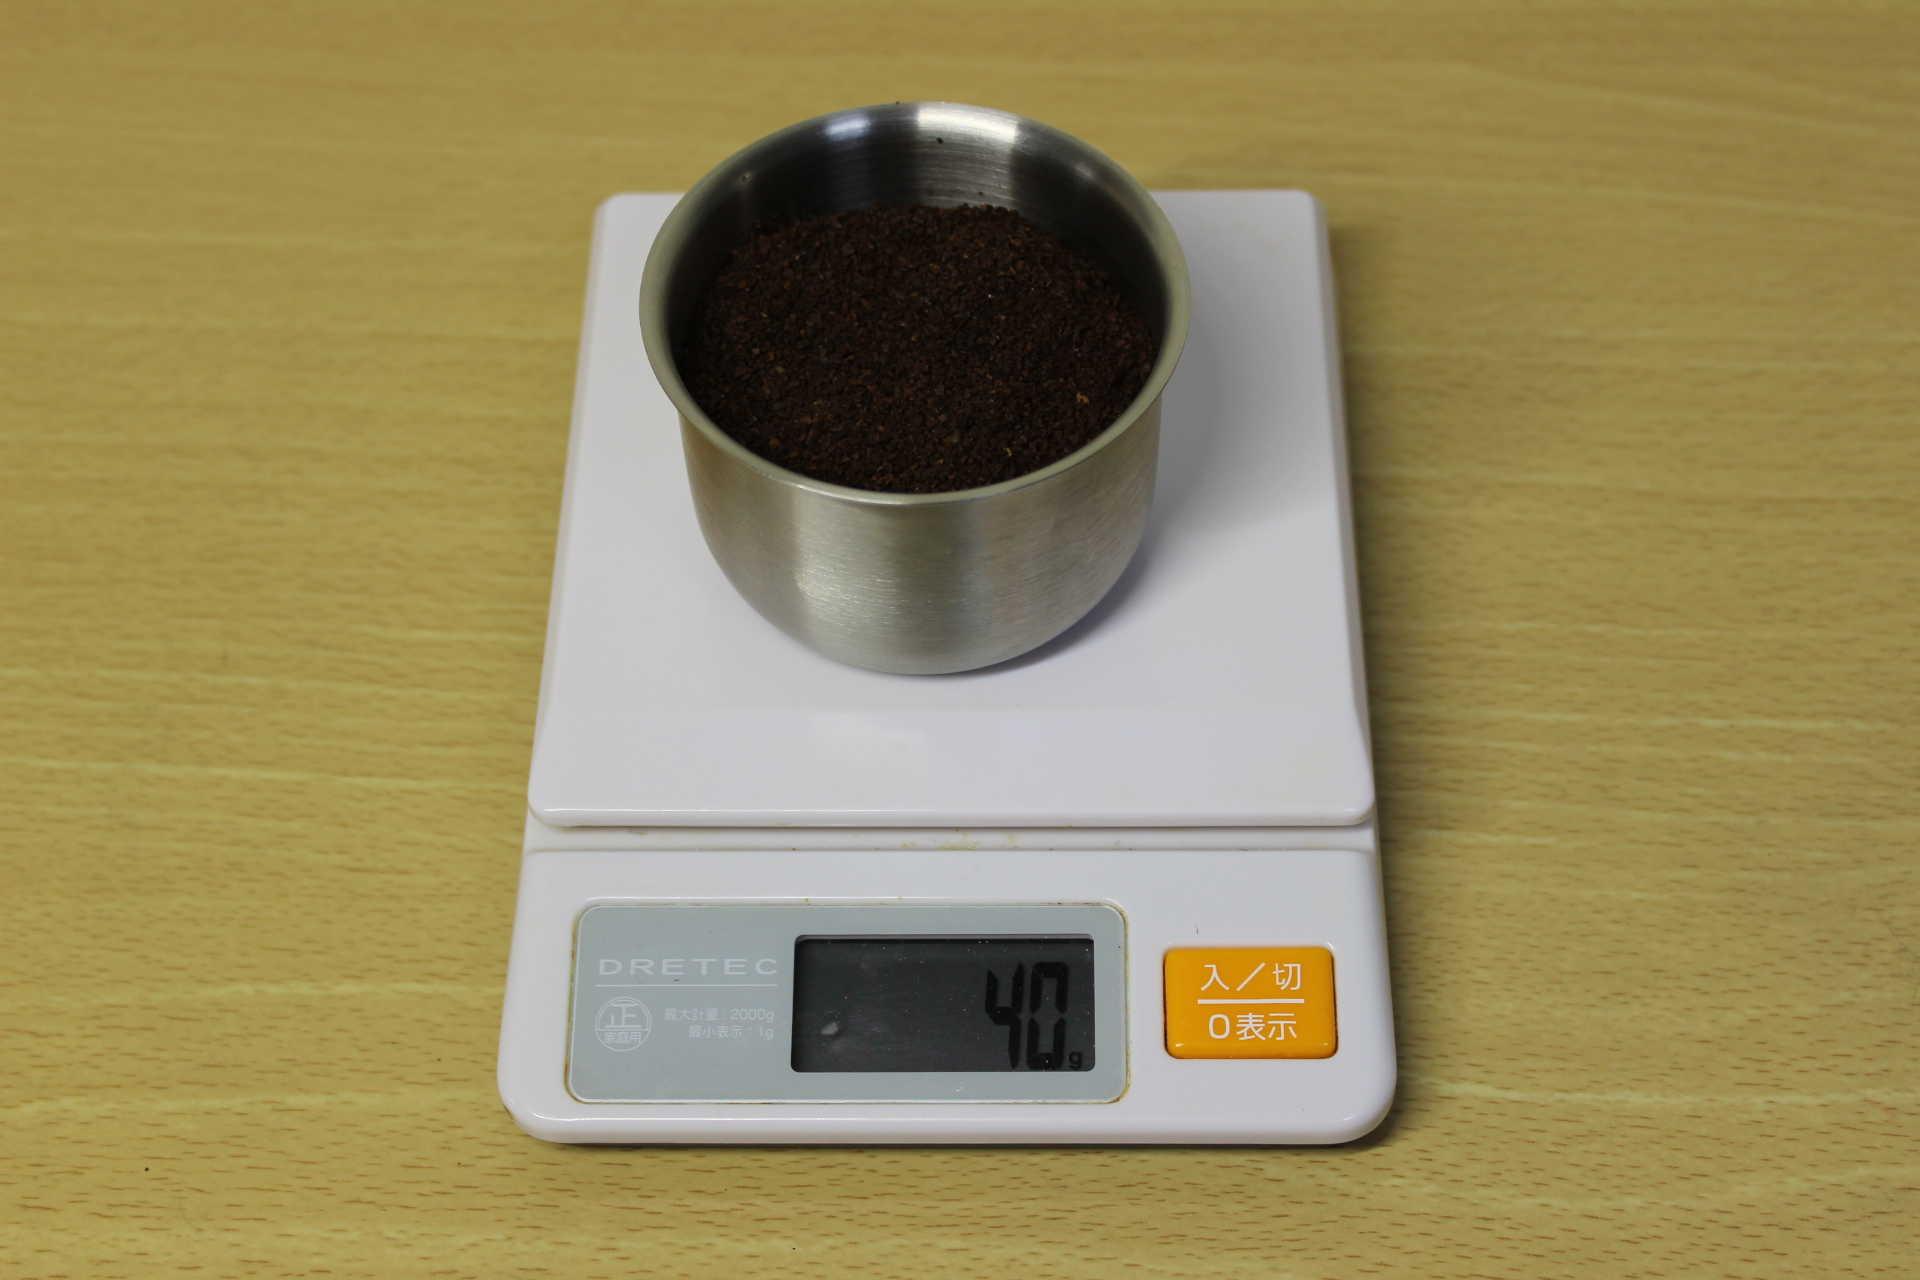 コールドブリューが作れるWiswell Water Dripperのコーヒーバスケットにコーヒーパウダーを40g入れて計っている